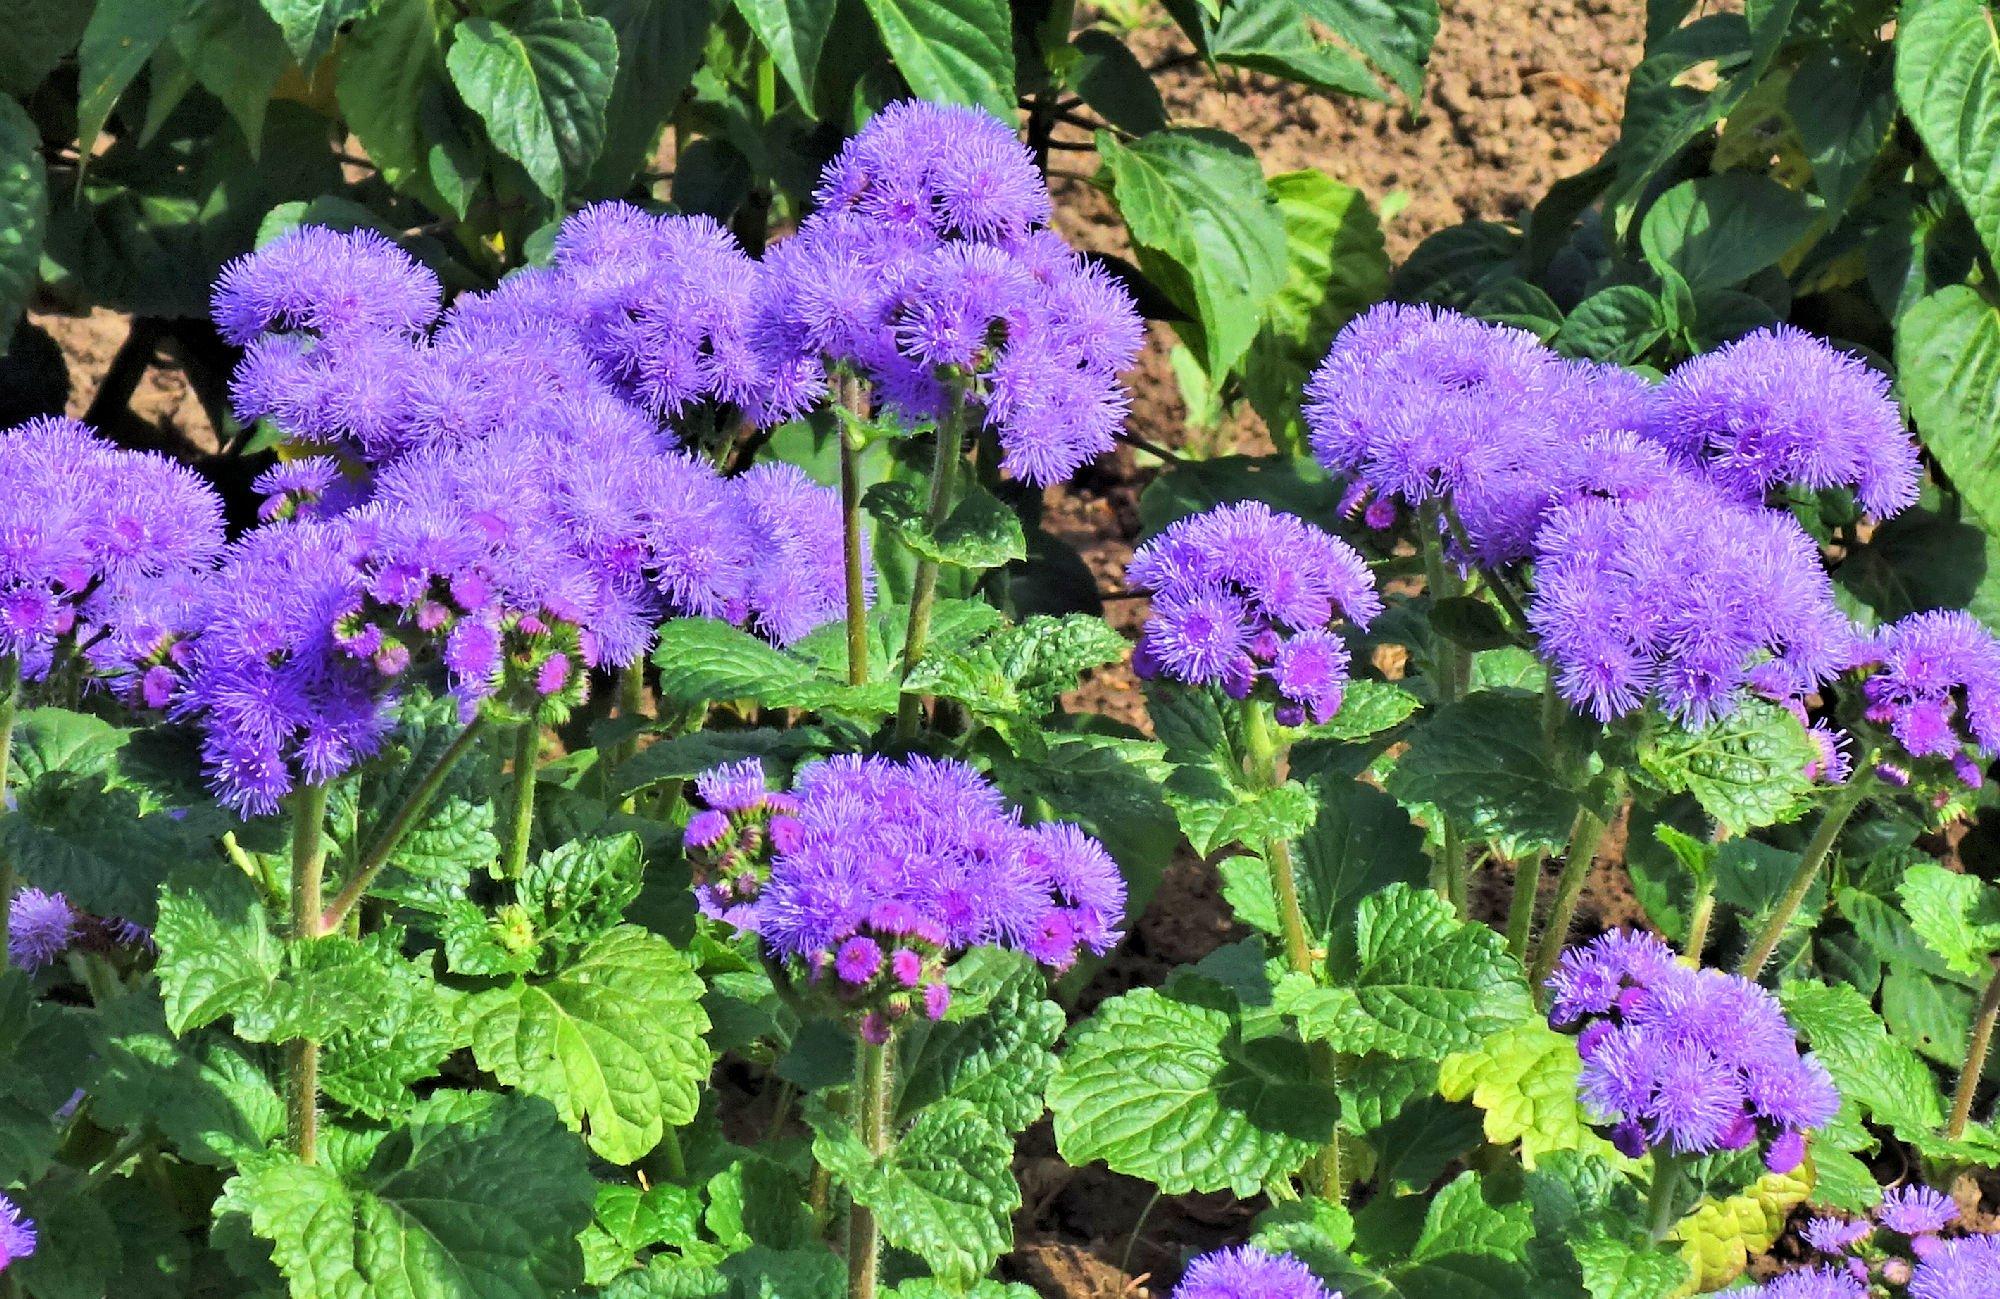 агератум фото цветов на клумбе